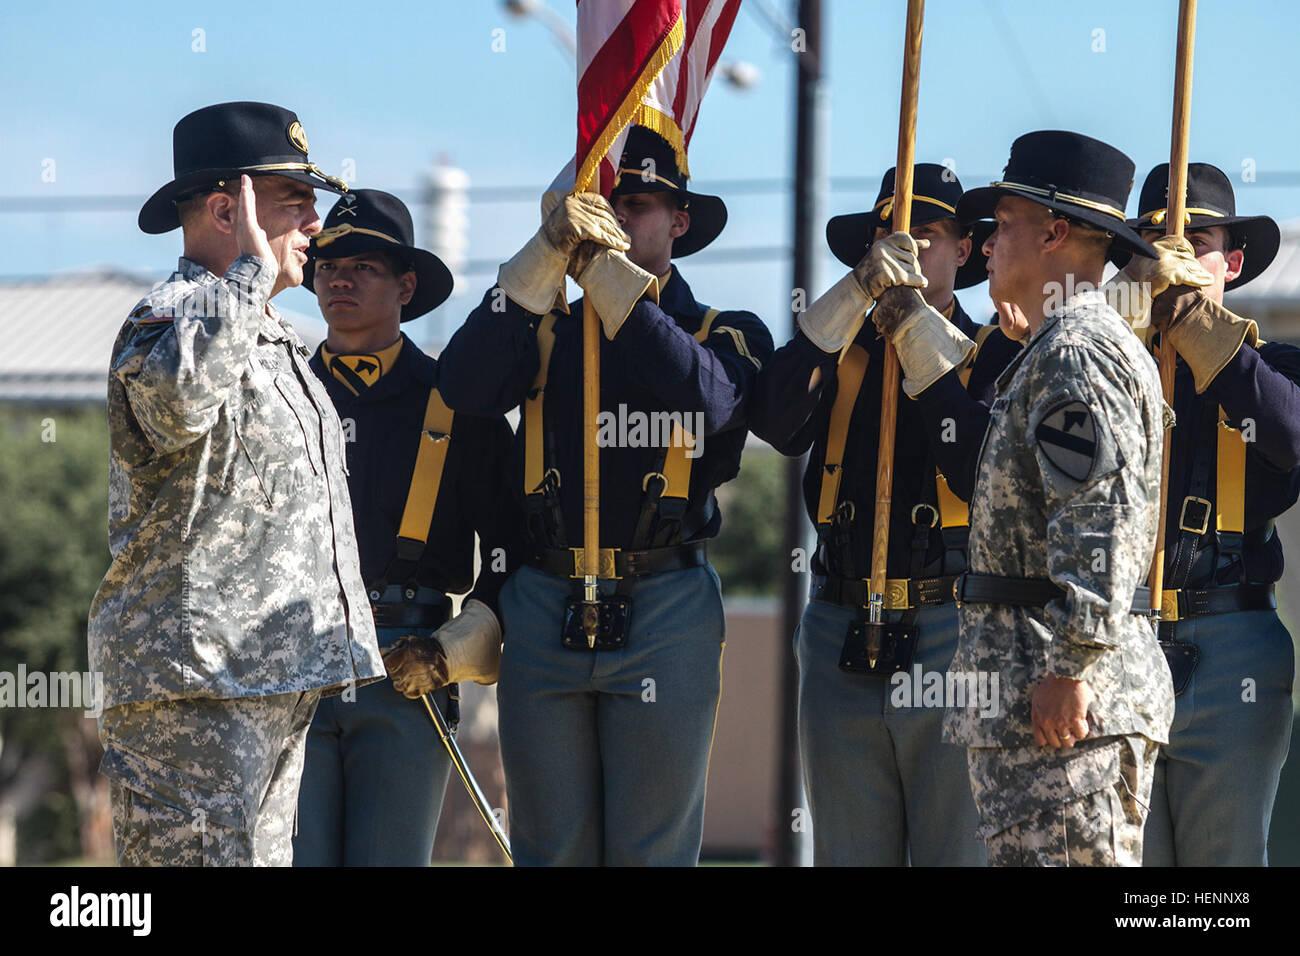 U S Army 1st Lt Mark Stockfotos & U S Army 1st Lt Mark Bilder - Alamy